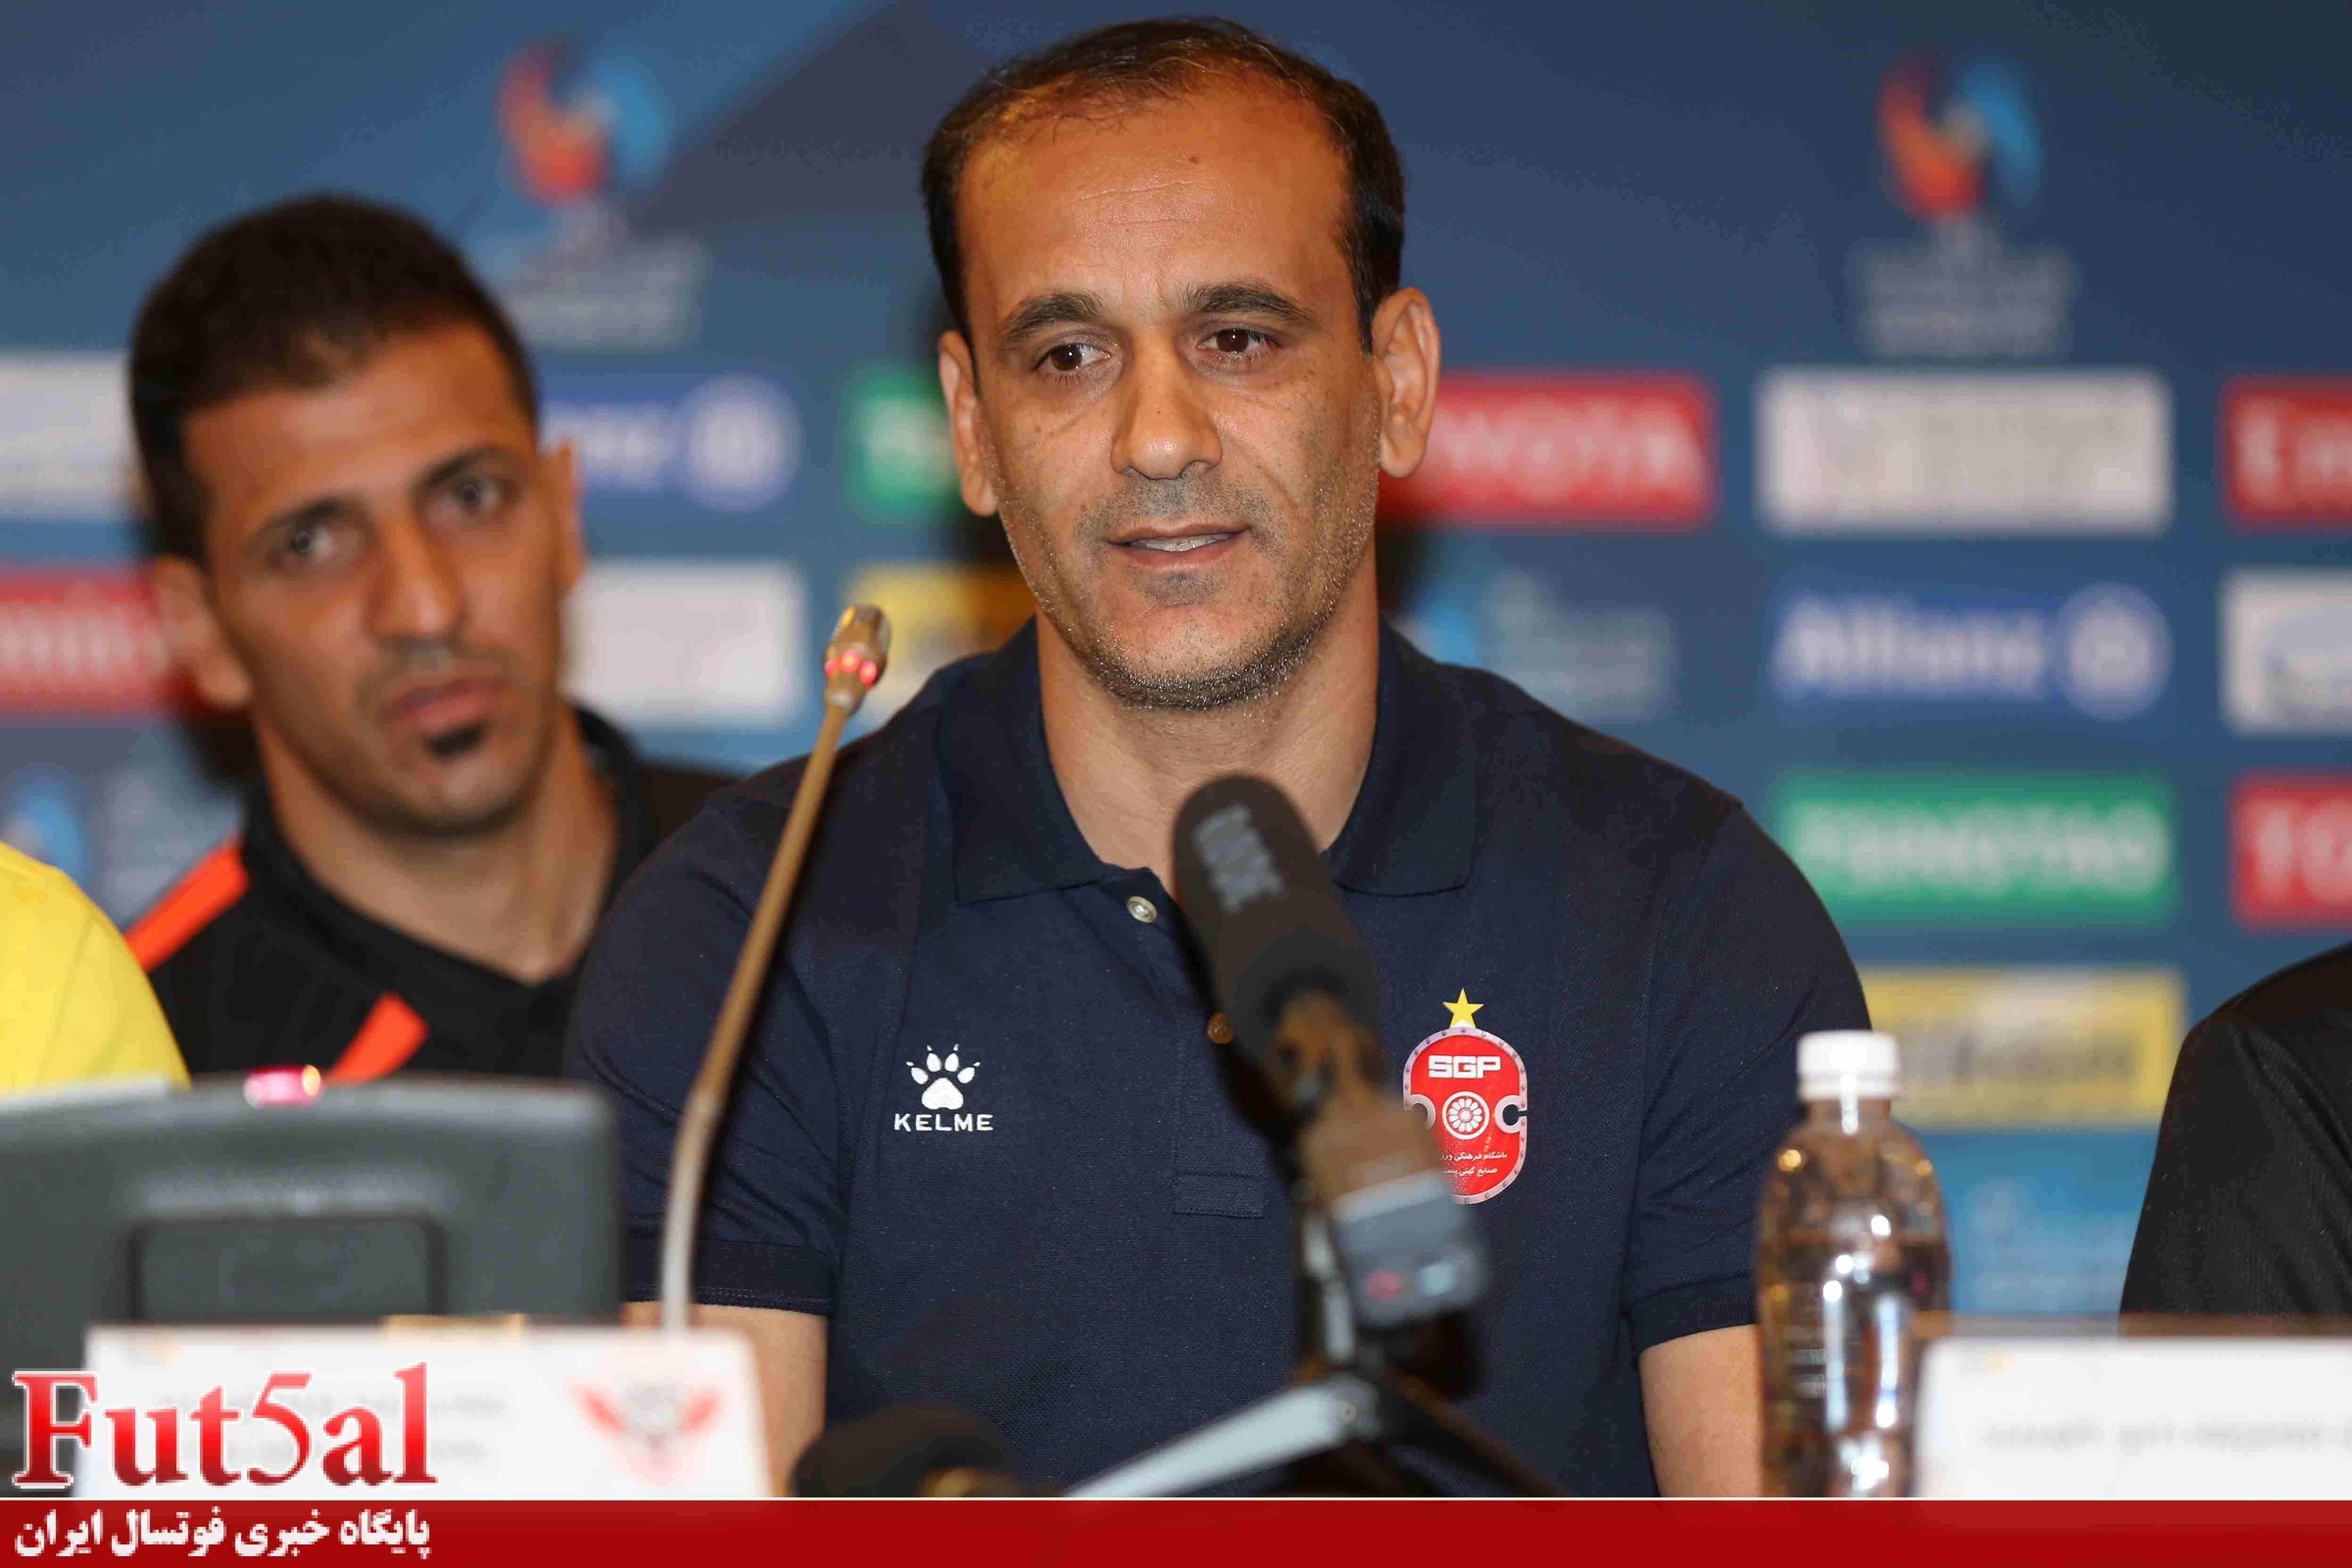 افضل :همه تیمهای اسیایی دوست دارند در تیمشان بازیکن ایرانی داشته باشند